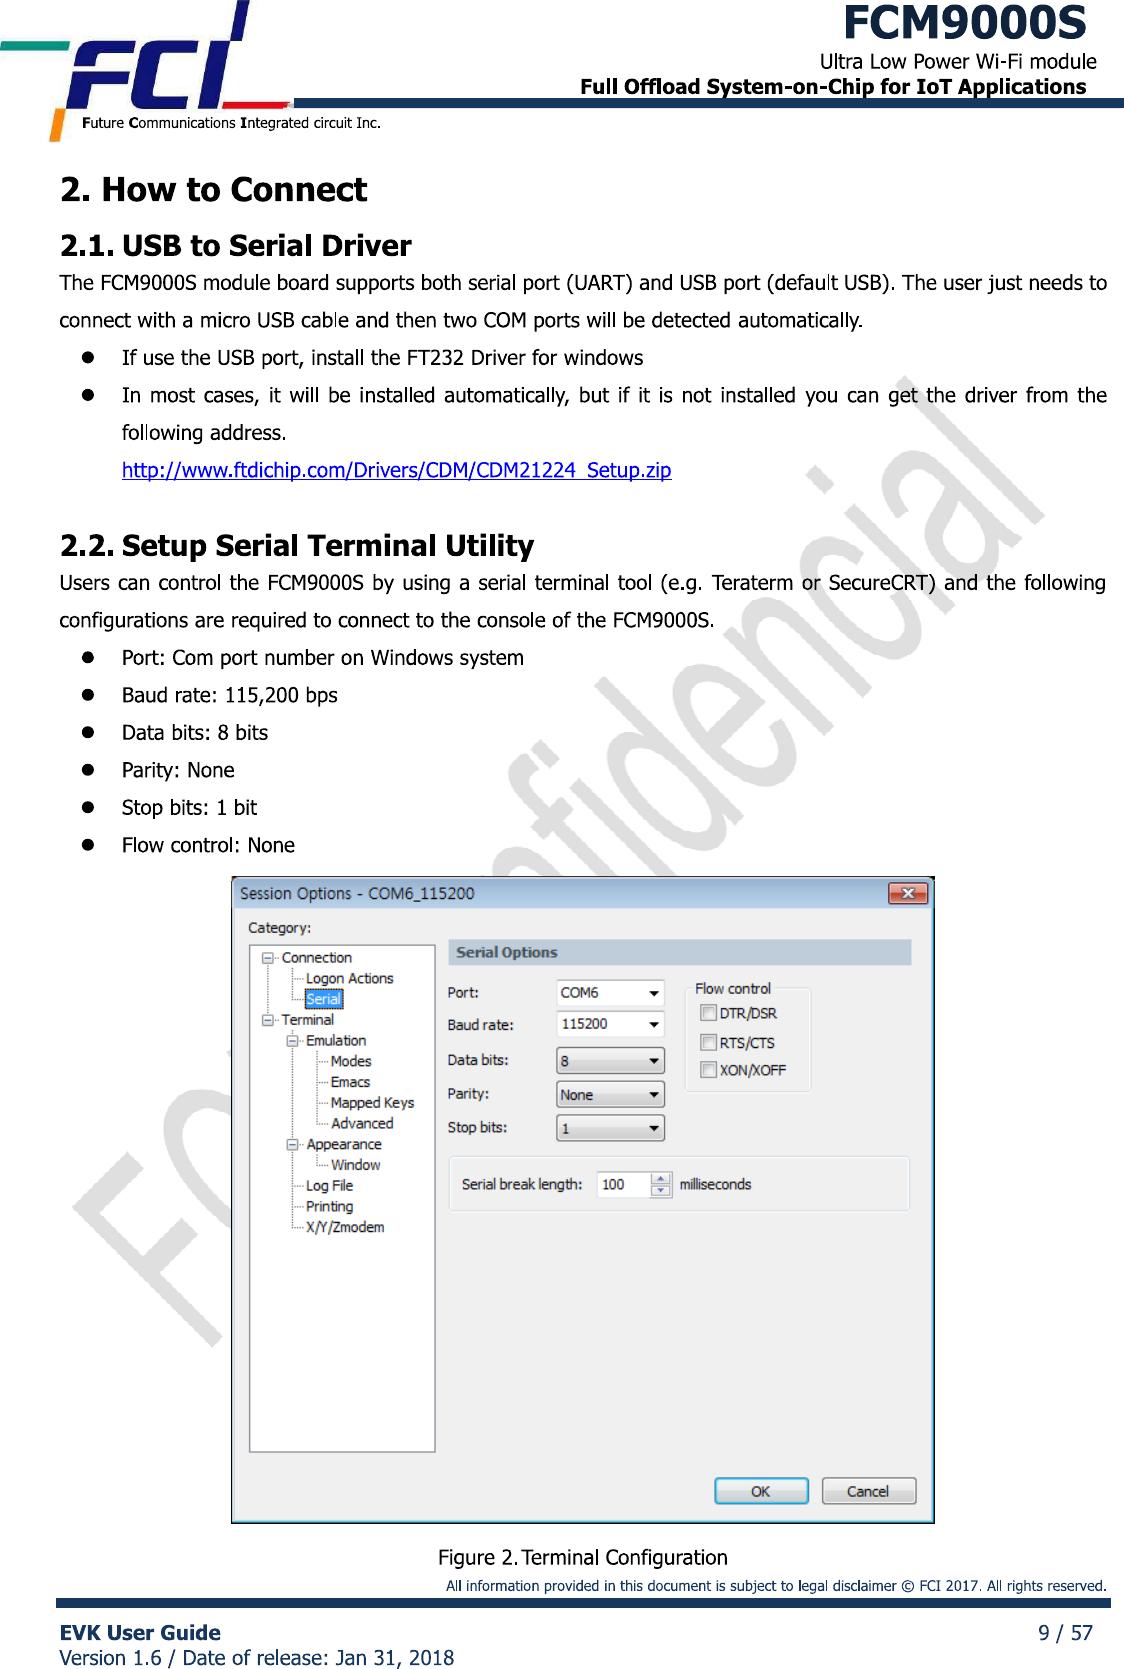 FCI FCM9000S FC9000 Small Module User Manual R1